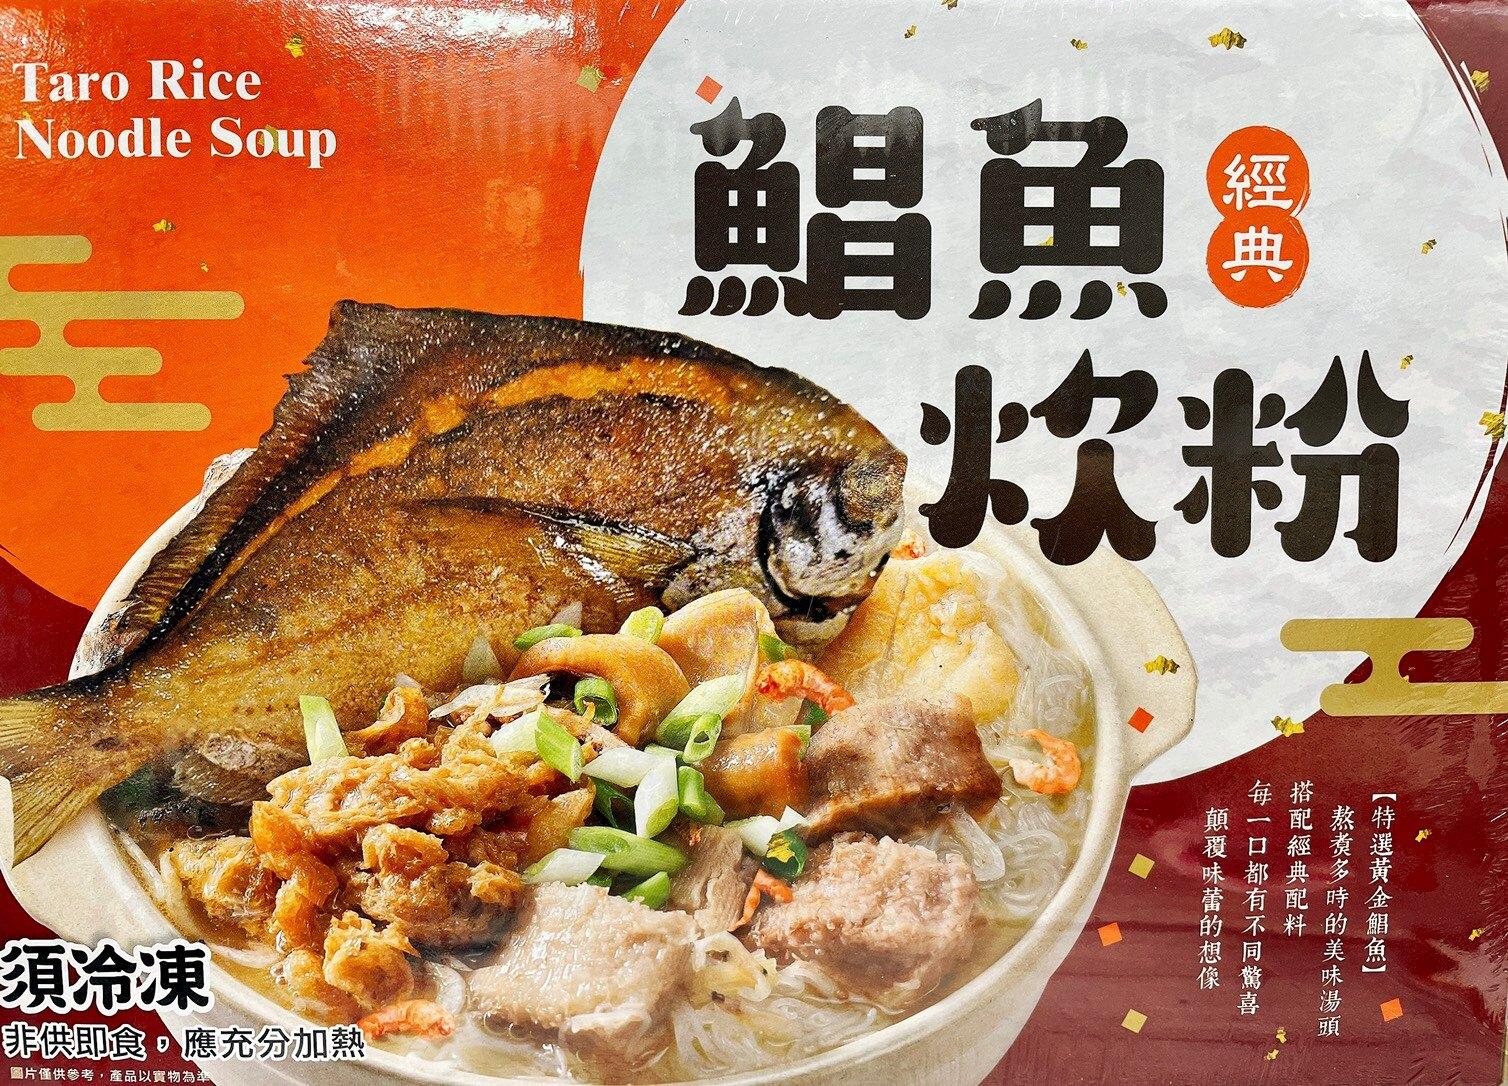 香噴噴的古早味「黃金鯧米粉」重量:2100克 產地:台灣